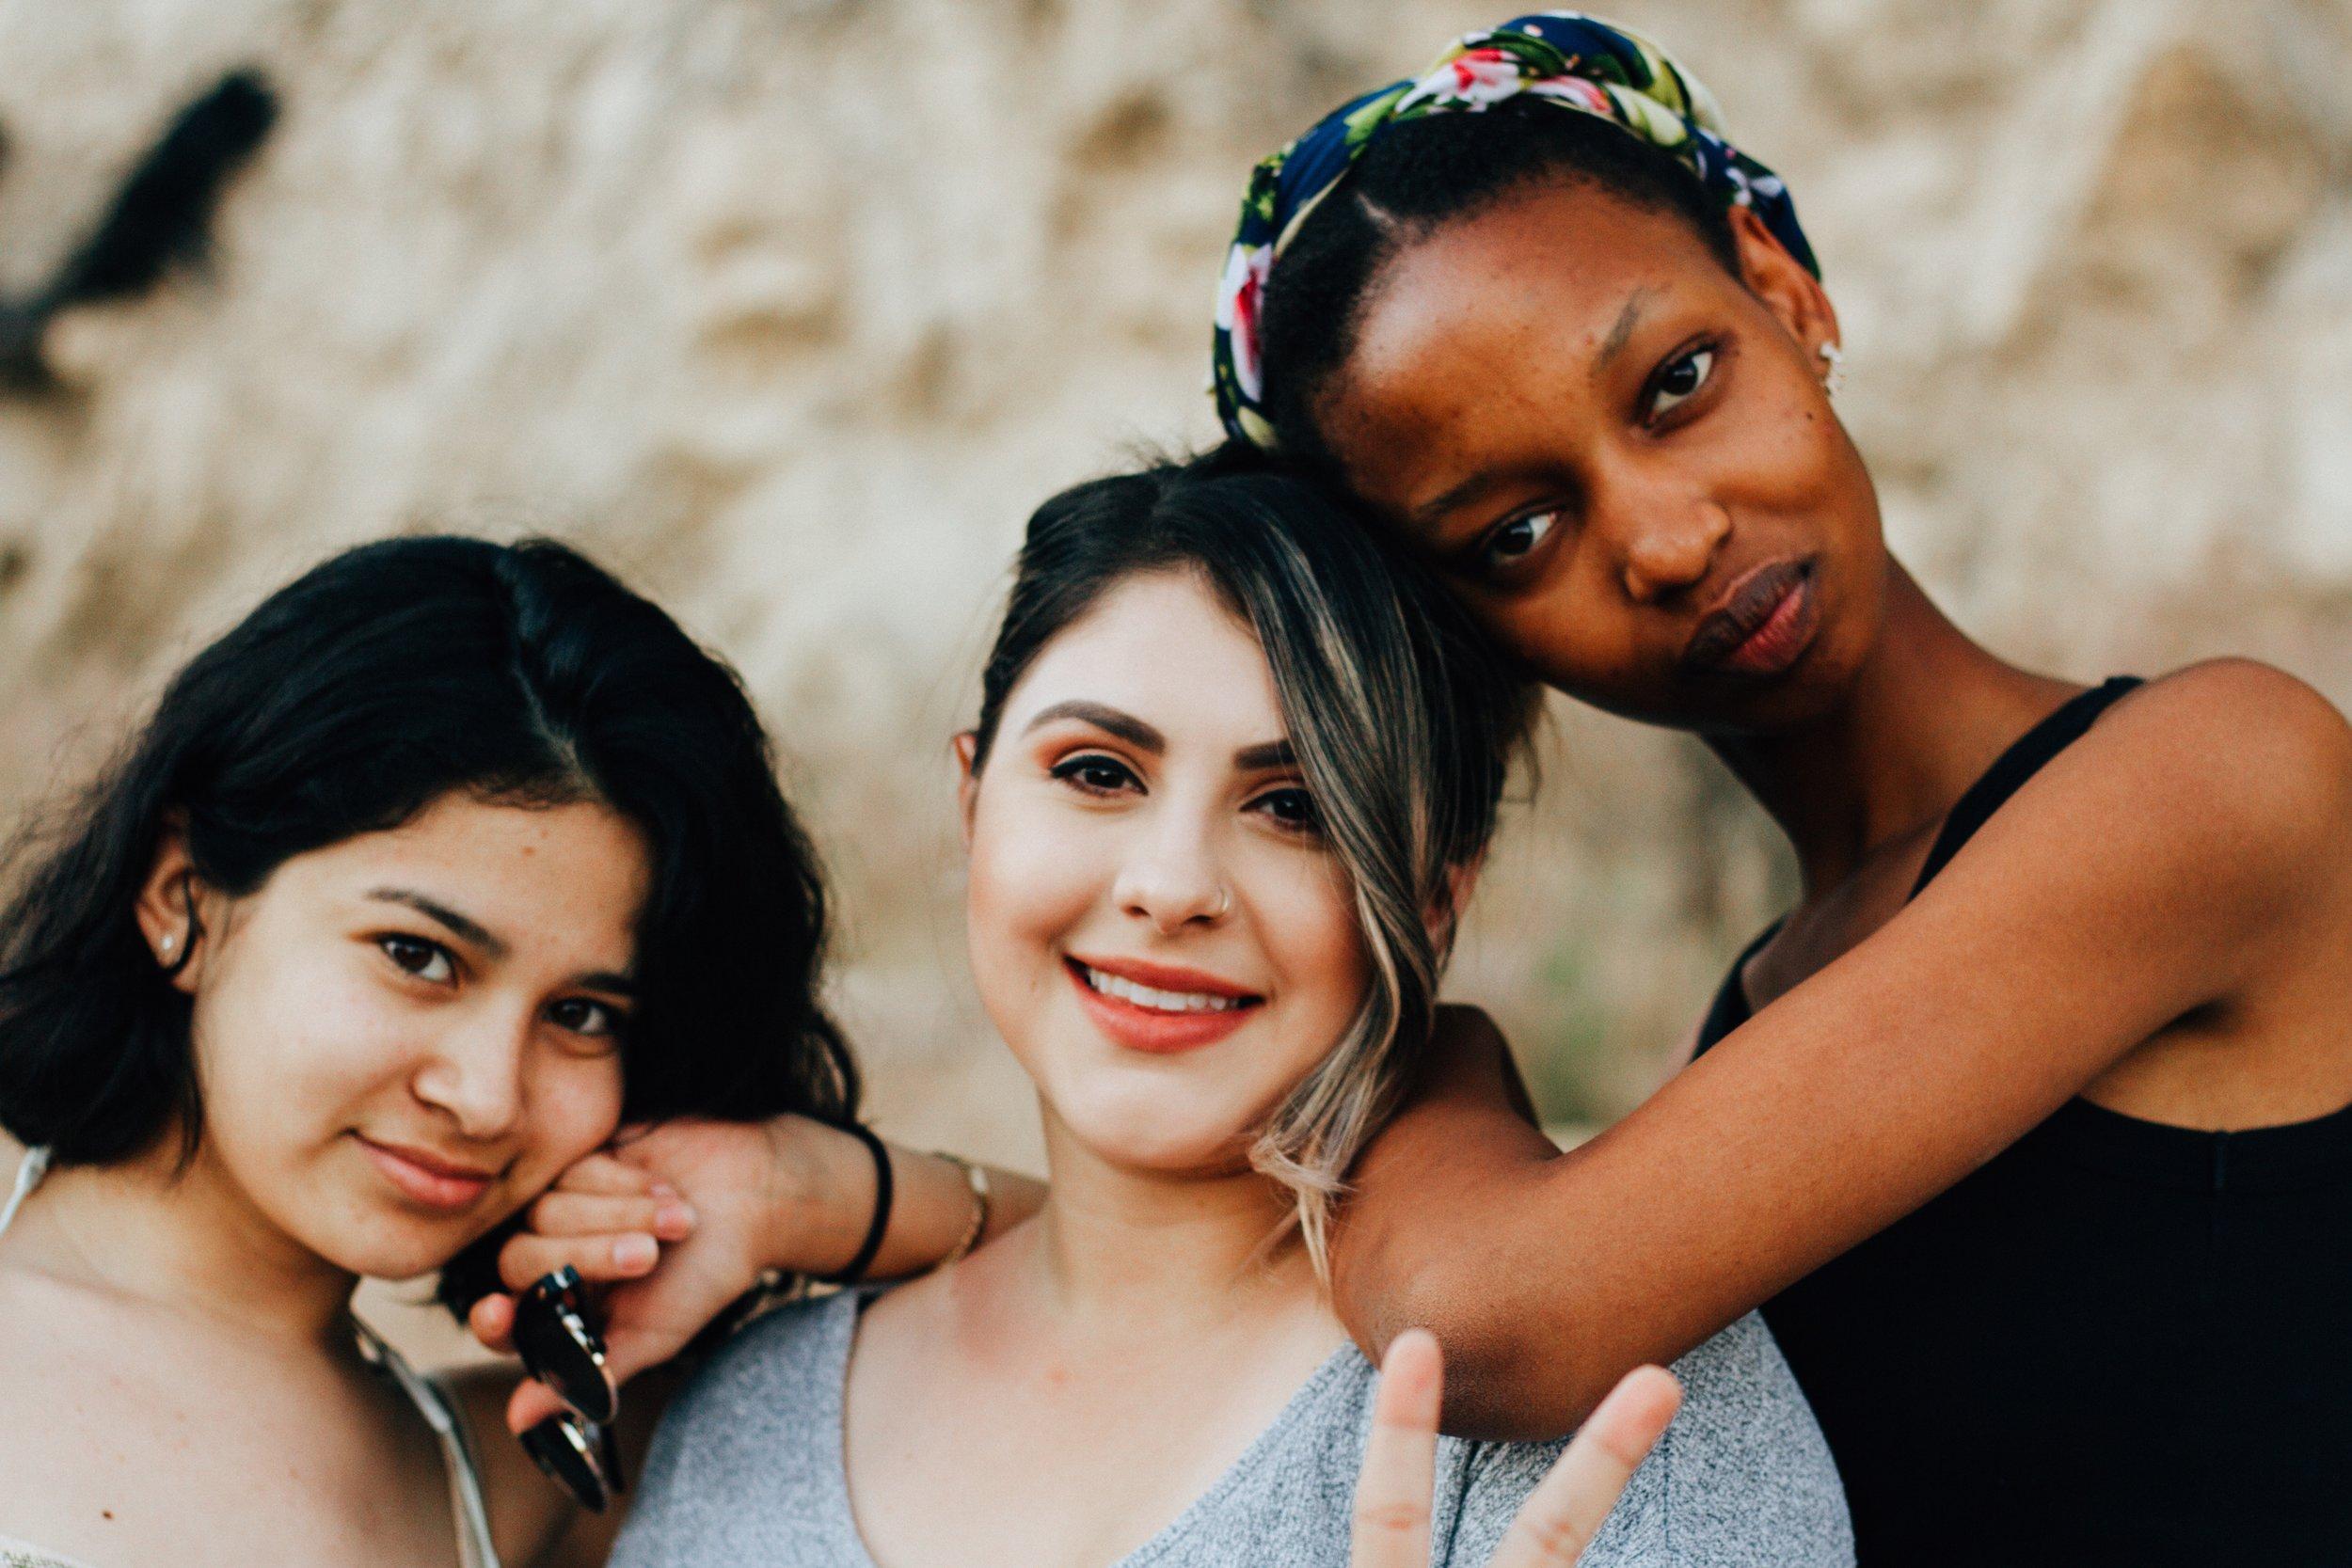 """Mientras más nos queremos, menos vemos a la compañera como una amenaza. - Decía Juliet Mitchell, psicoanalista feminista, """"mujeres contra mujeres, la trampa del patriarcado."""" En la medida en la que estamos constantemente compitiendo, menos energía estamos dirigiendo hacia aquellas situaciones que la sociedad debe cambiar. Sin embargo, mientras más amor propio practicamos, menos competimos (por ende, colaboramos más), y así dirigimos todos nuestros esfuerzos a derrocar la sociedad patriarcal que nos oprime a todas."""